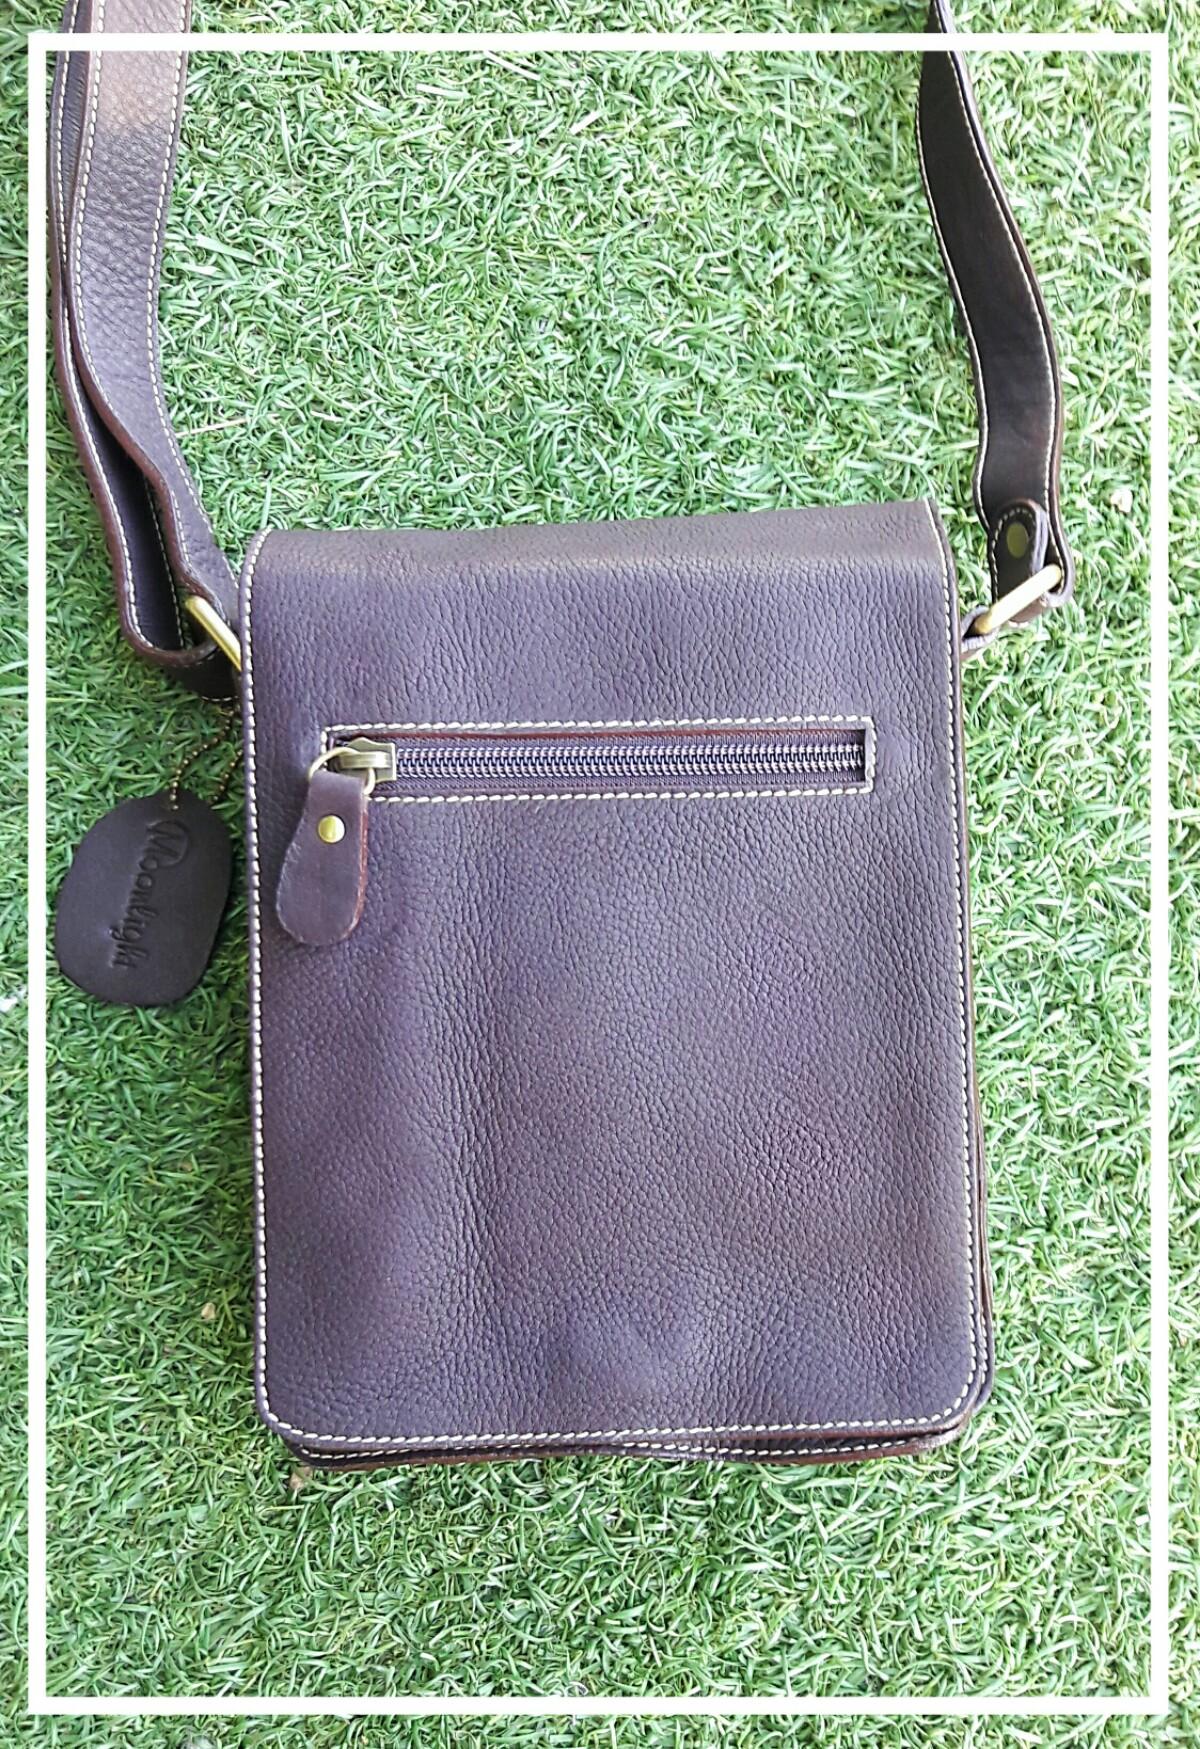 กระเป๋าสะพายรุ่น Mercury ไซส์ S สีน้ำตาลเข้ม (No.012S)